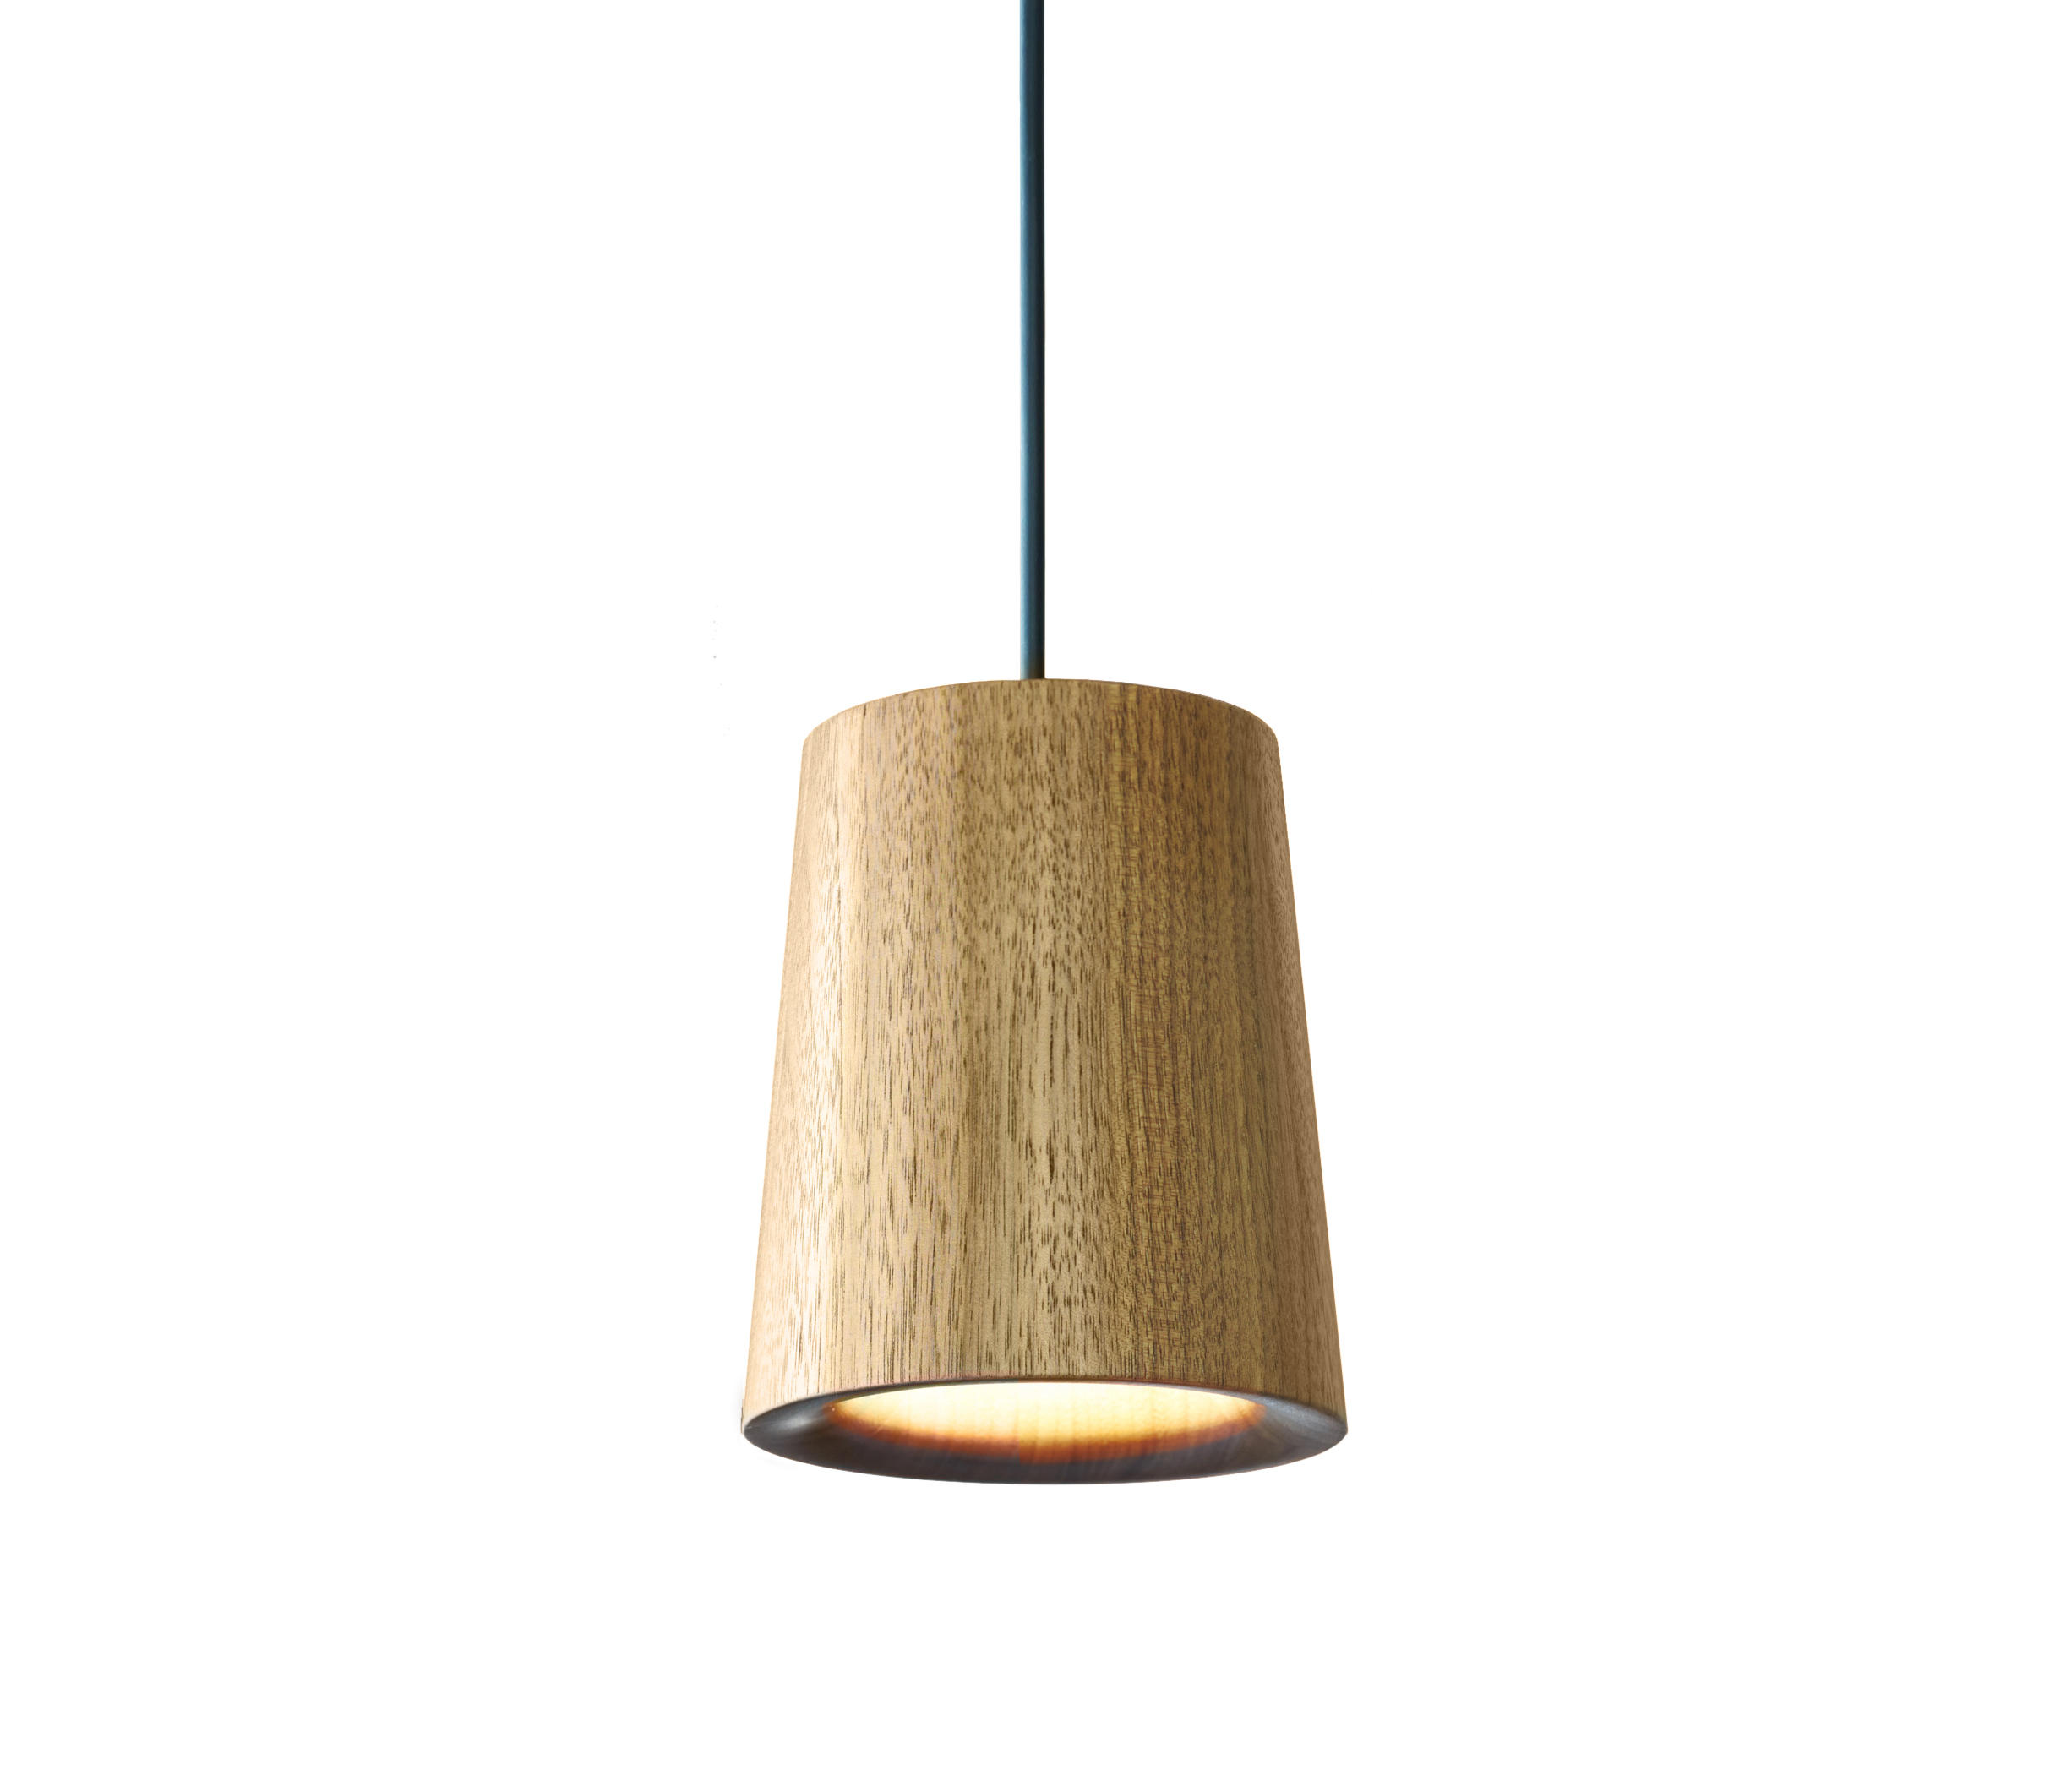 crompton lighting price list 2014 pdf